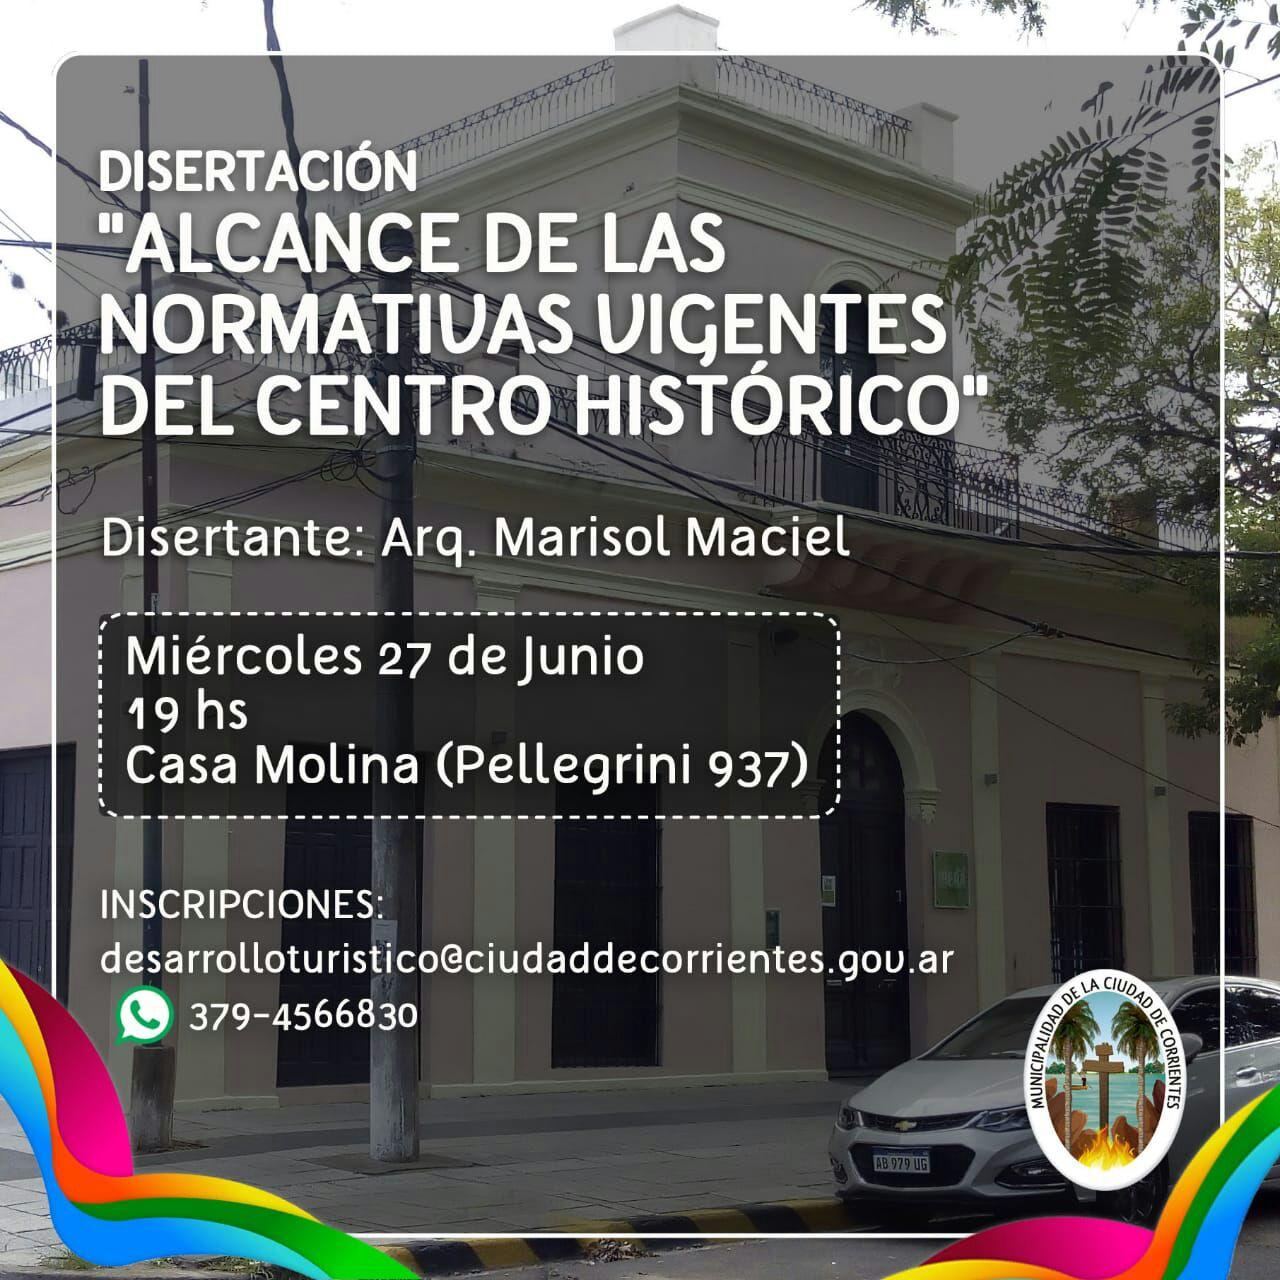 """Disertación """"Alcance de las normativas vigentes del centro histórico"""""""